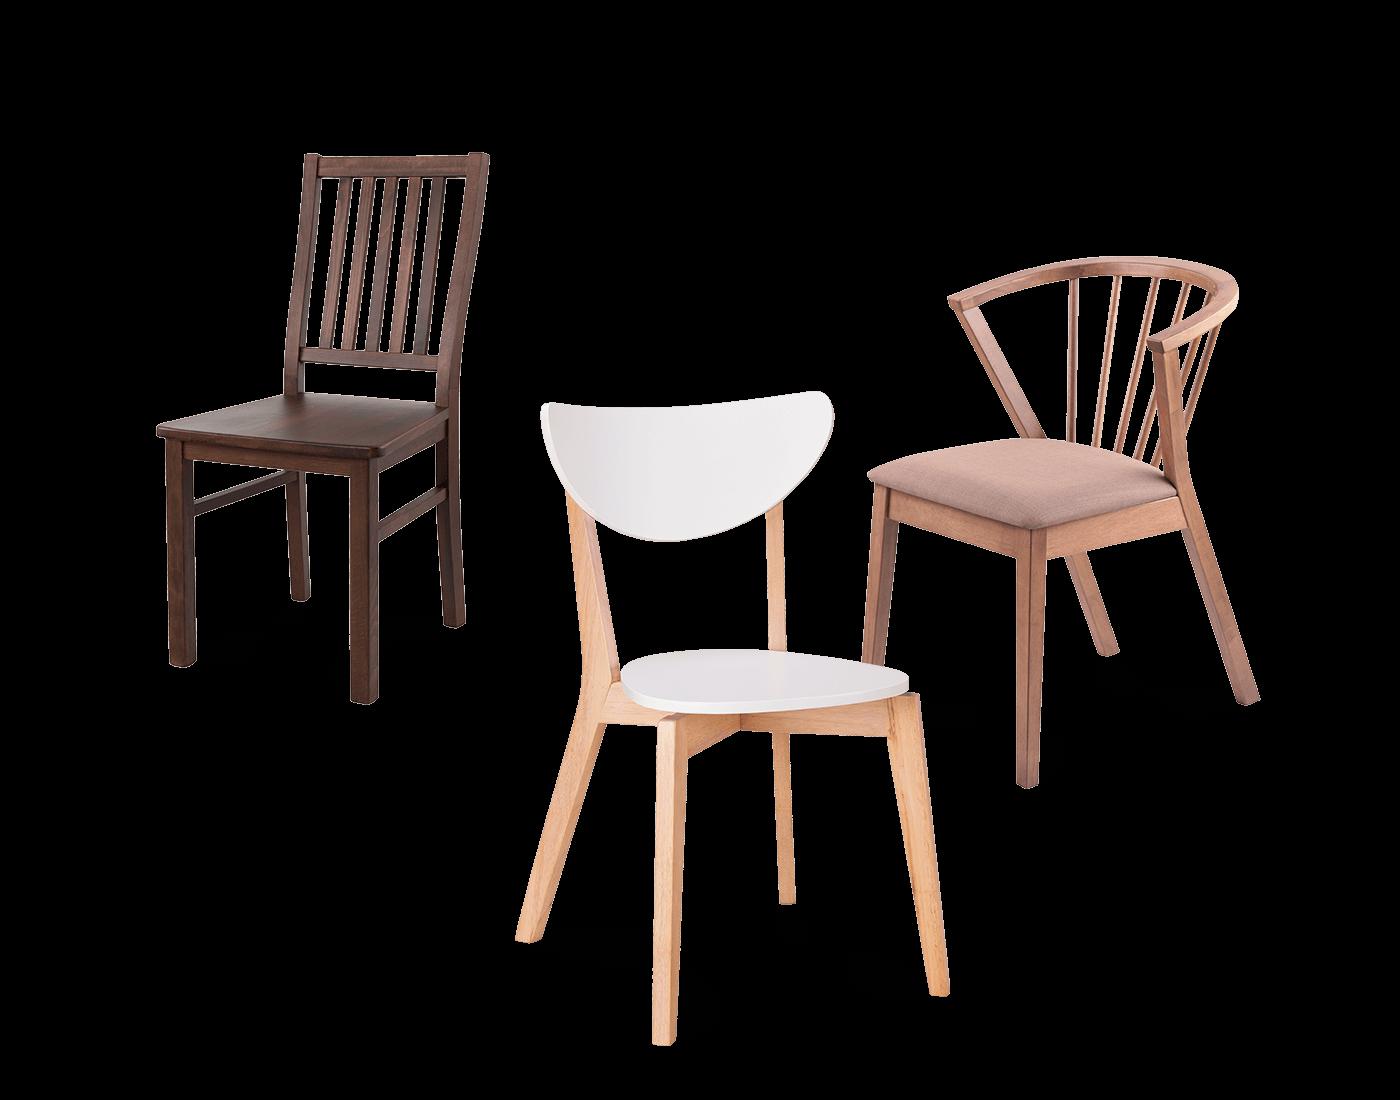 Sedie pieghevoli risparmio casa tavoli da giardino for Sedie pieghevoli trasparenti